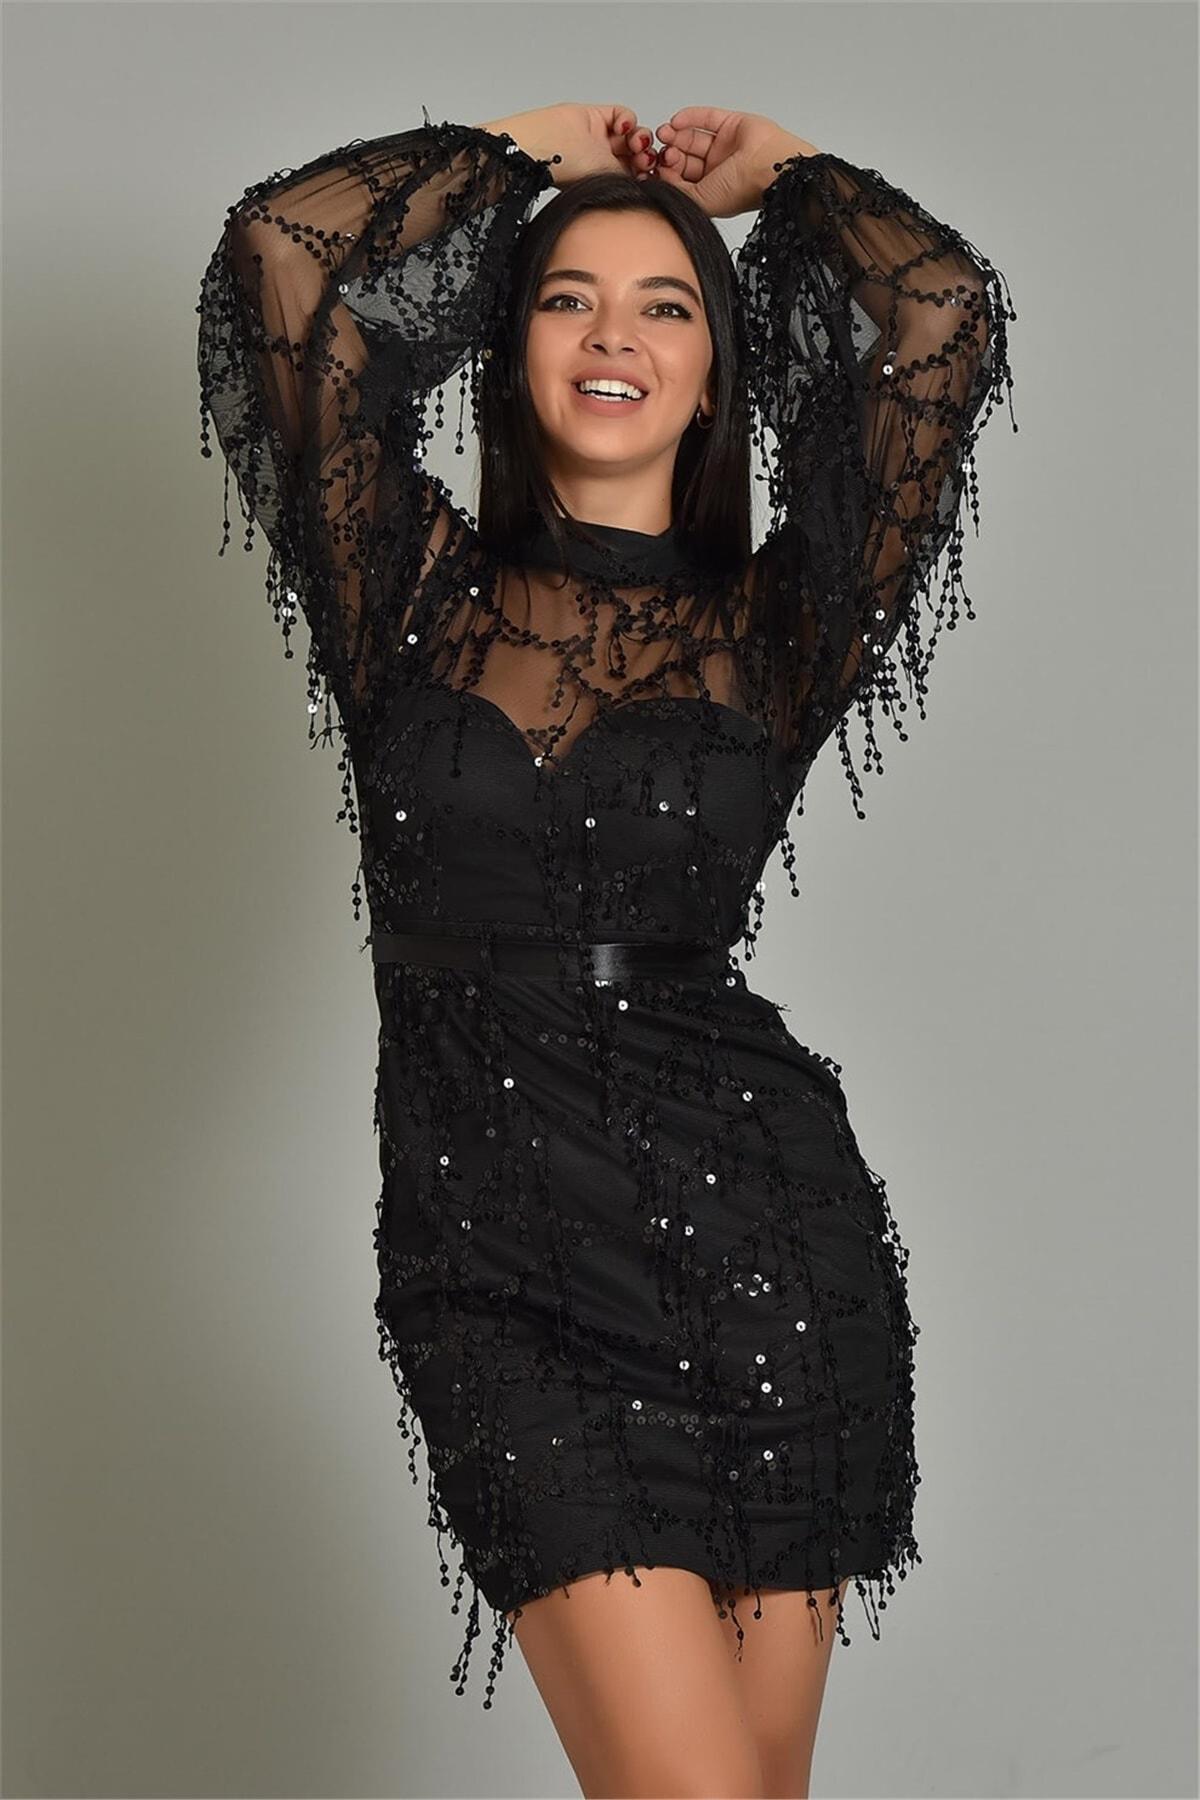 Modakapimda Fm Siyah Pul Payet Kısa Abiye Elbise Büyük Beden 1